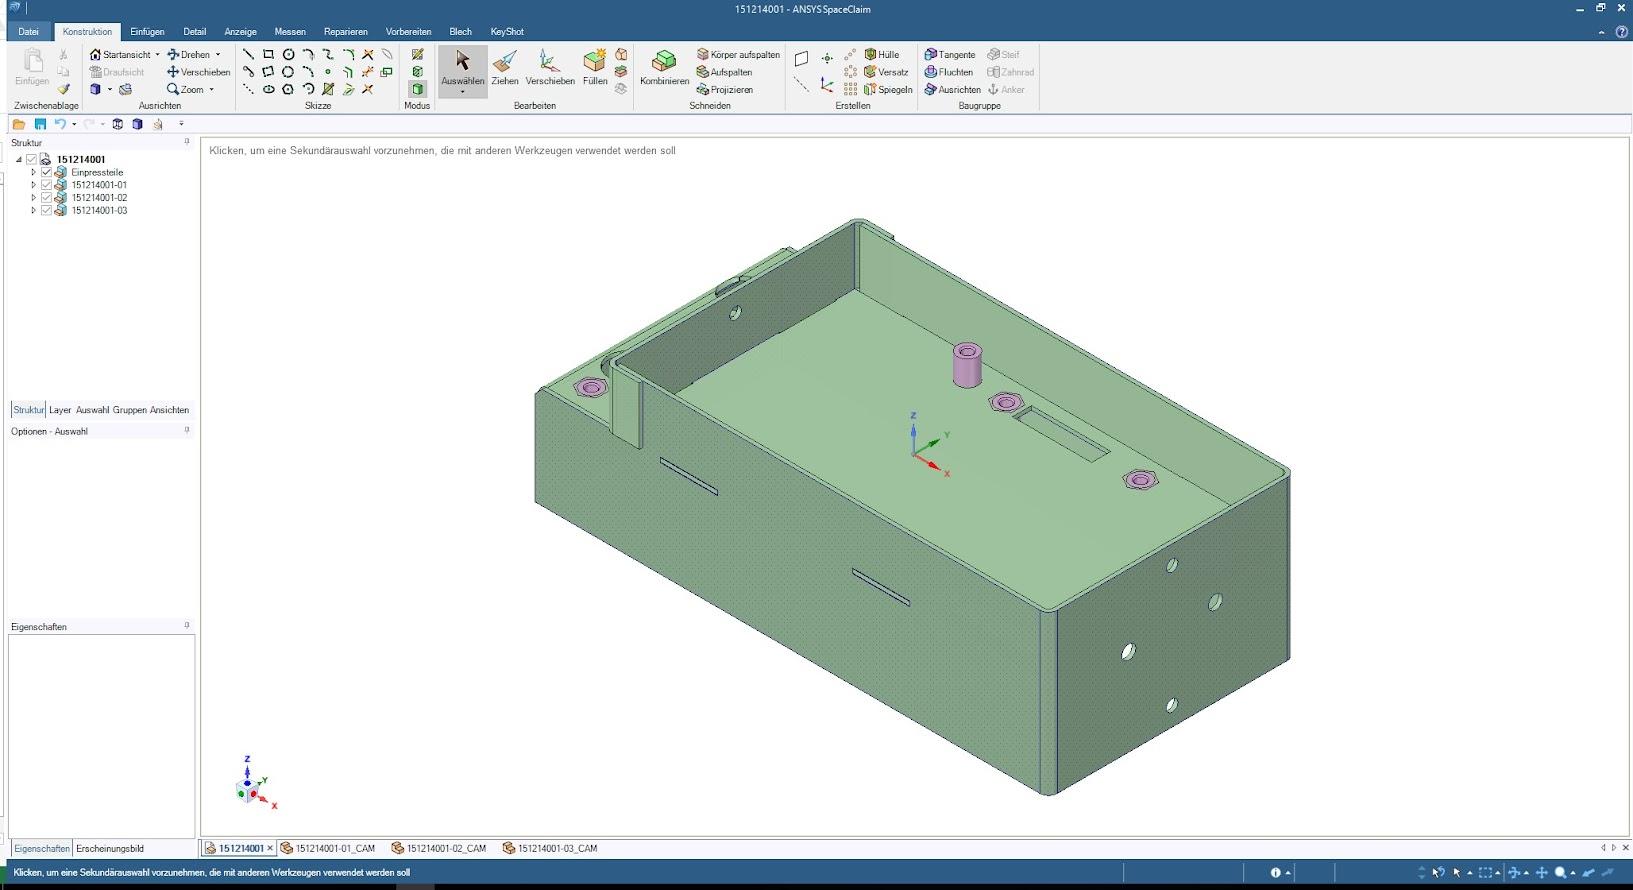 Готовая к запуску в производство модель, полностью разработанная в ANSYS SpaceClaim